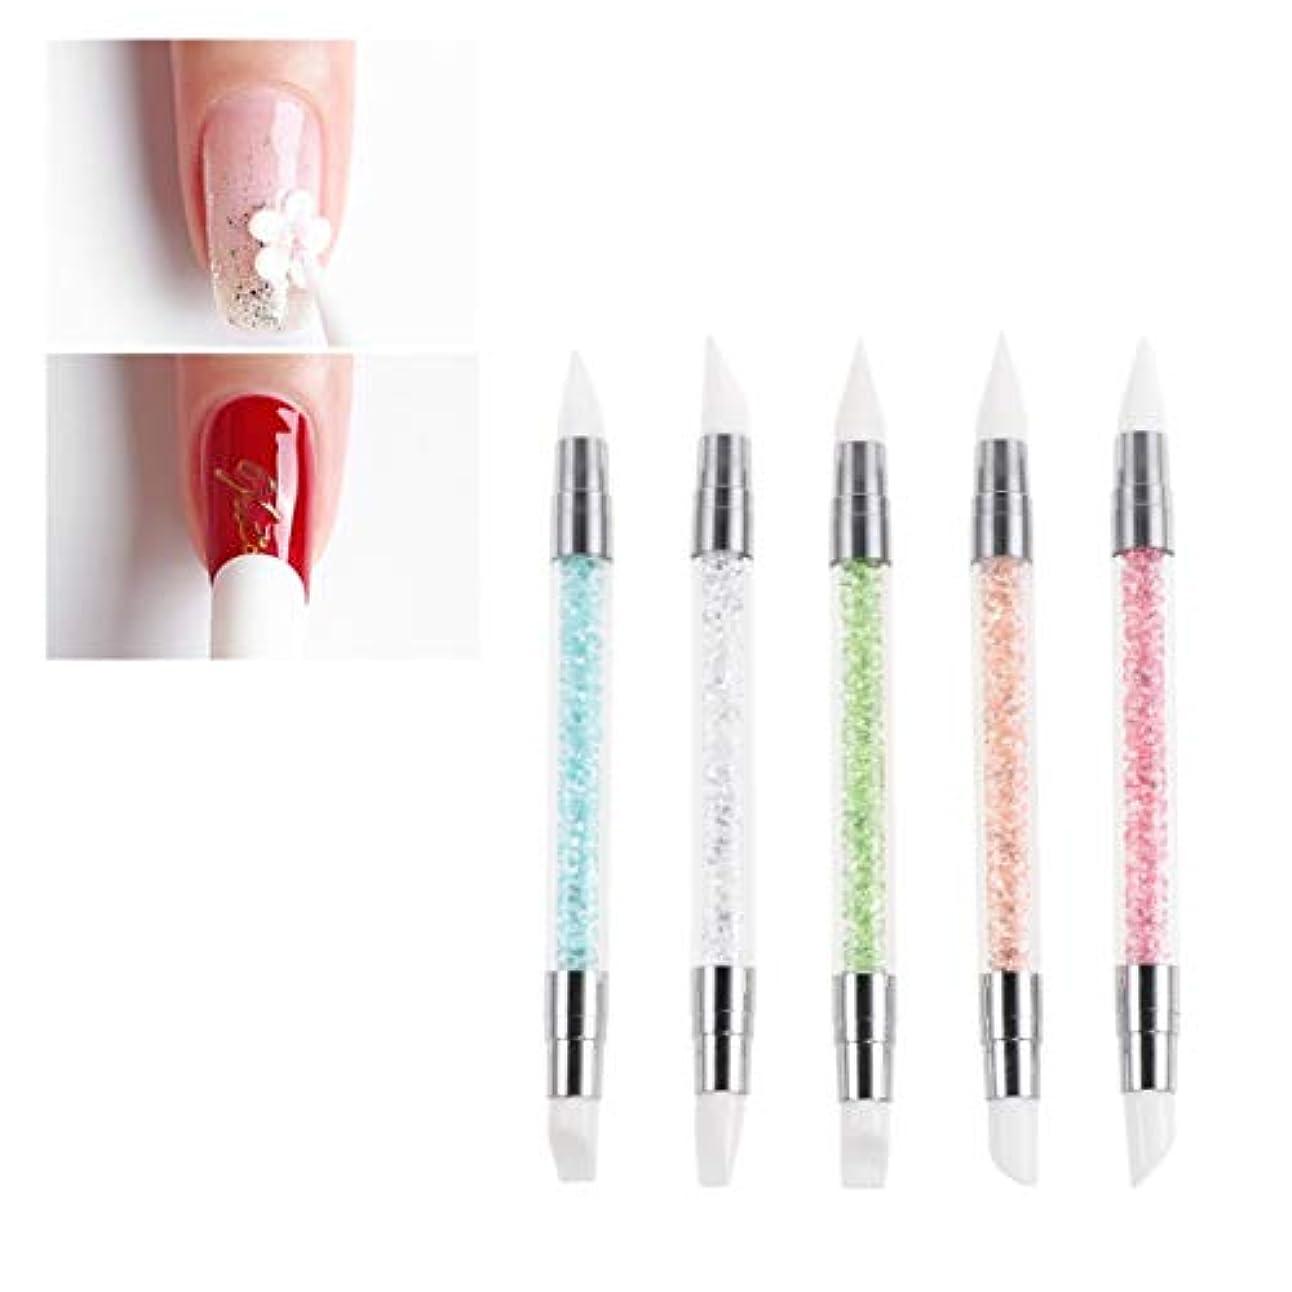 言い直すホスト到着するLurrose 5ピースドリルパイプネイルアートペン耐久性のあるポータブル軽量クリエイティブダブルヘッドドットネイルアートペン用女性ネイルアートサロン